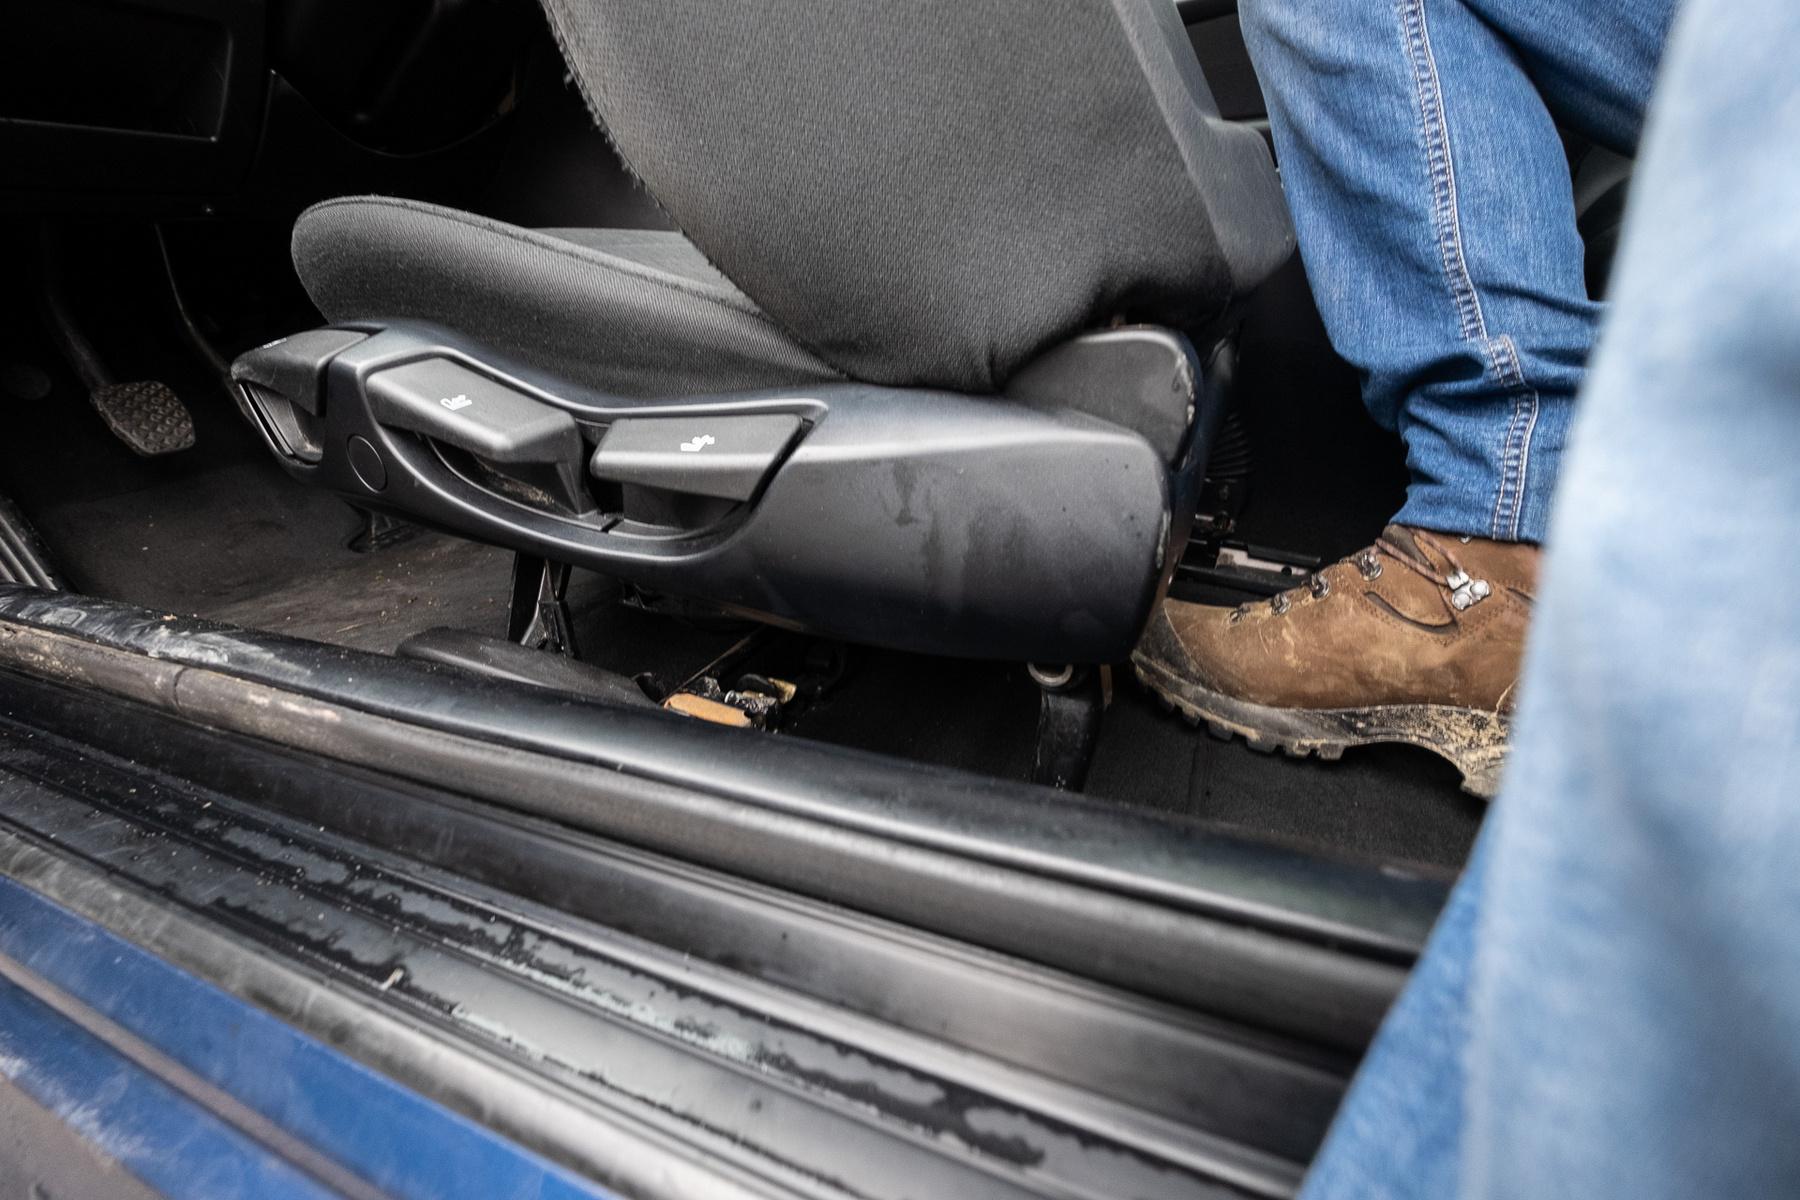 Marad hely a hátsó lábaknak is, ha nem óriás ül elöl